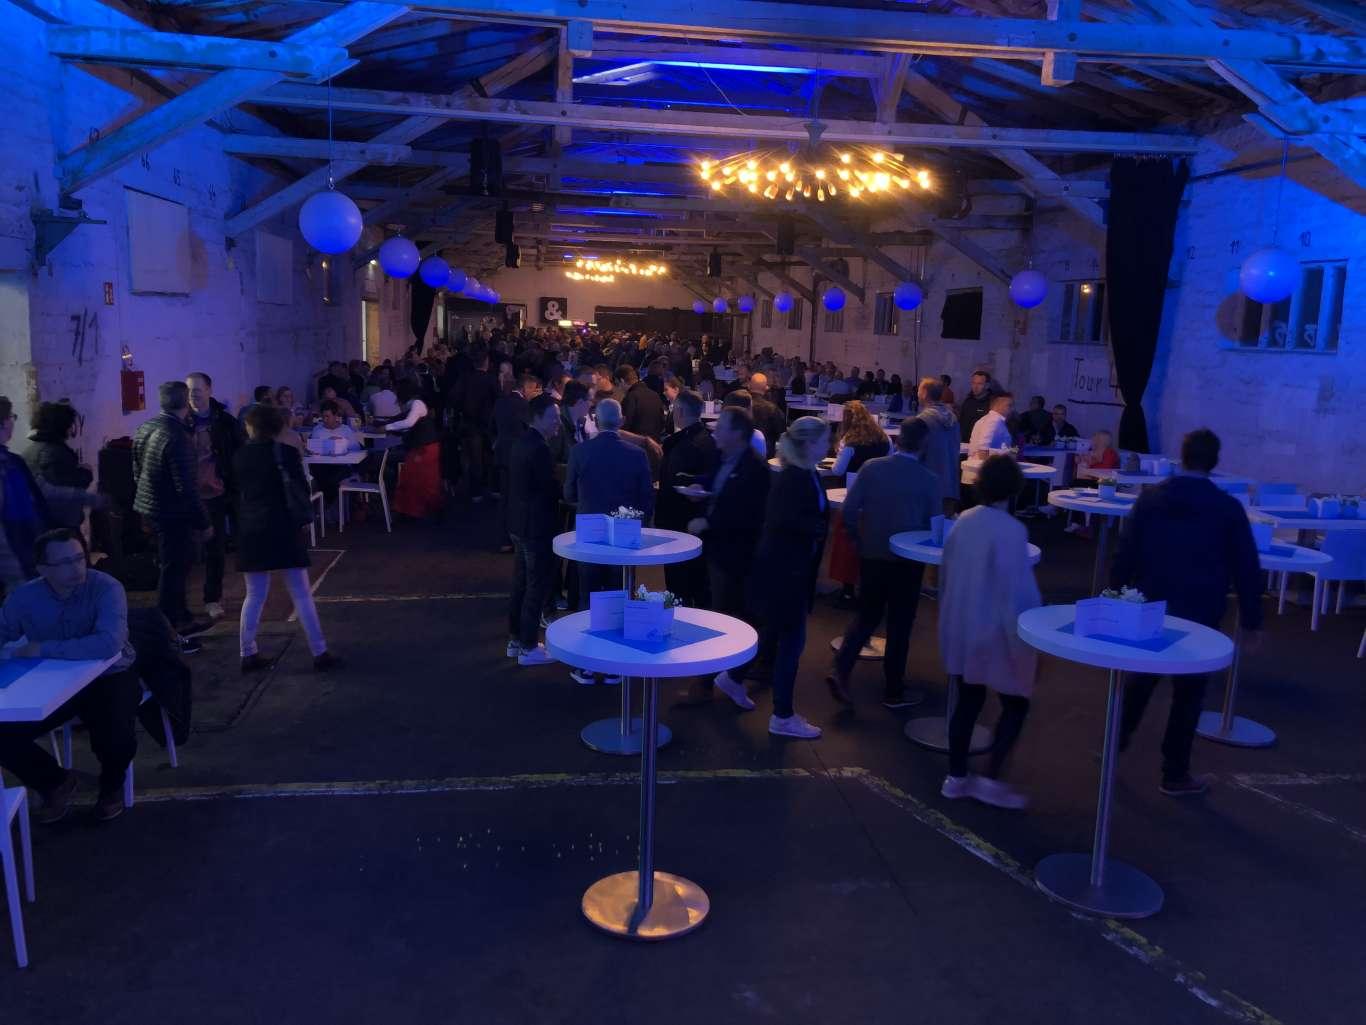 Mit über 500 Teilnehmern war die Tagung der IKK classic ein voller Erfolg. Die Organisation und Realisierung des Events erfolgte dank der professionellen Arbeit von spoon.projekt aus Erfurt.